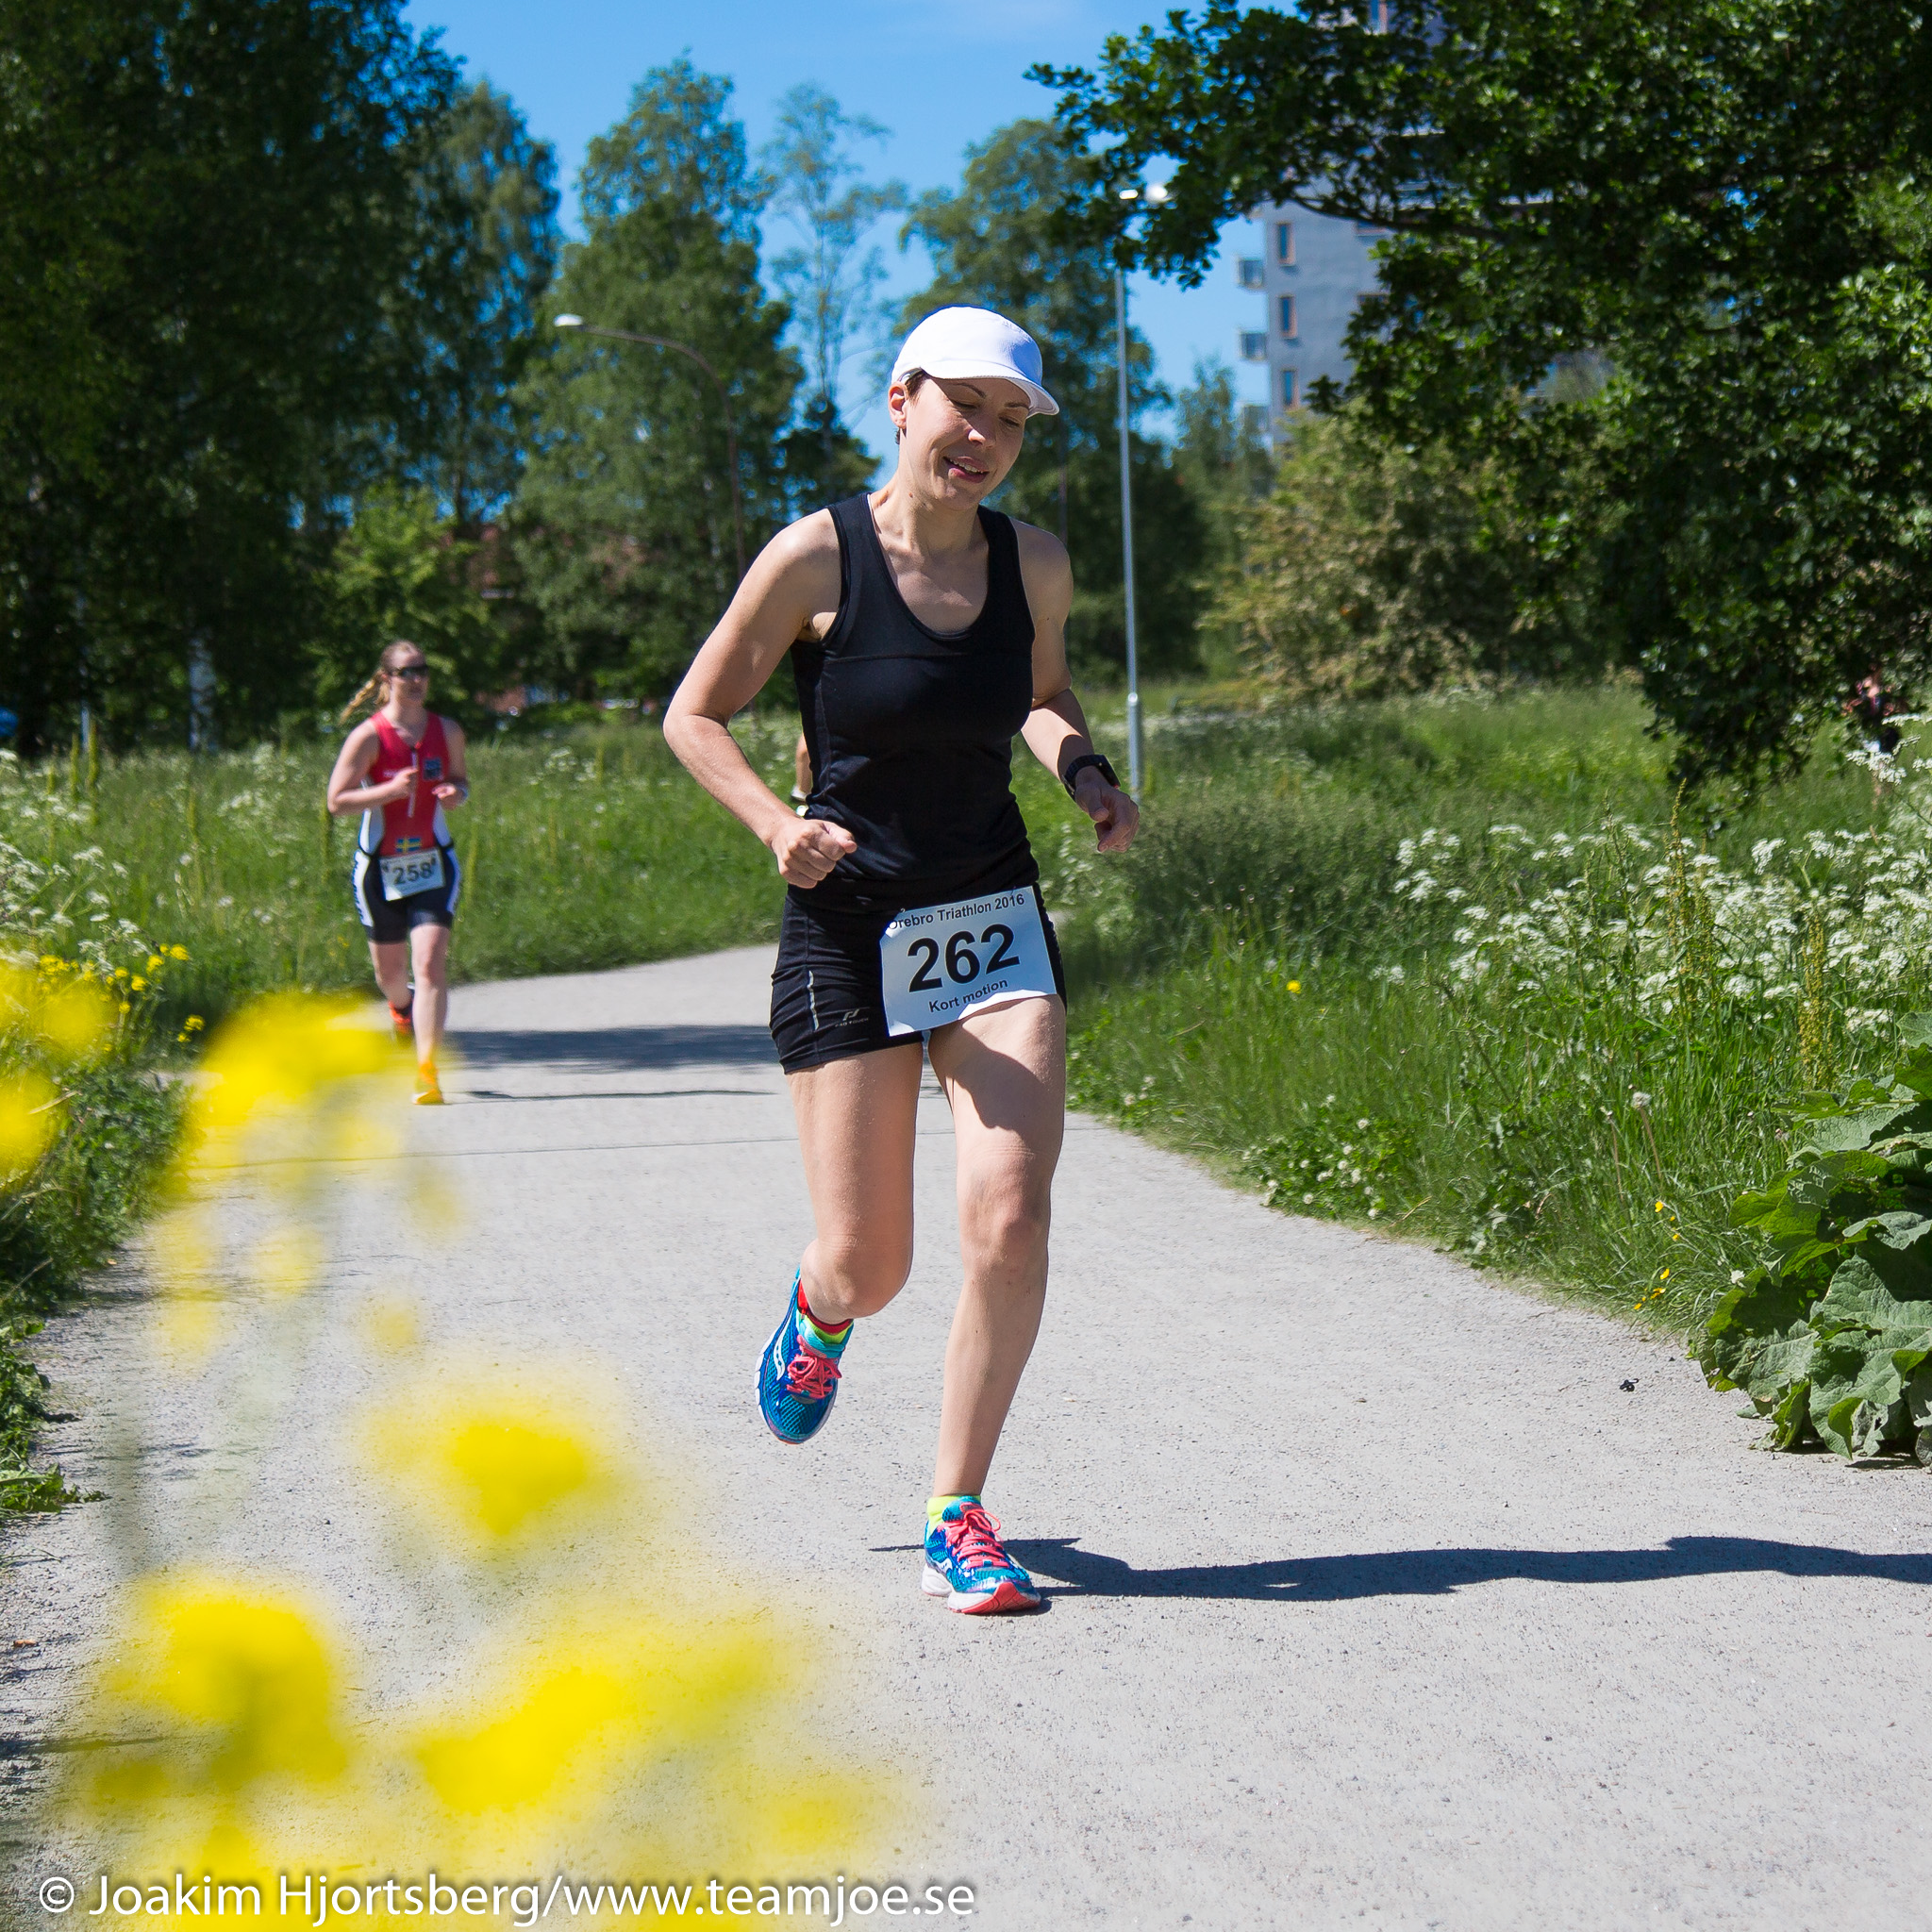 20160606_1224-3 Örebro Triathlon